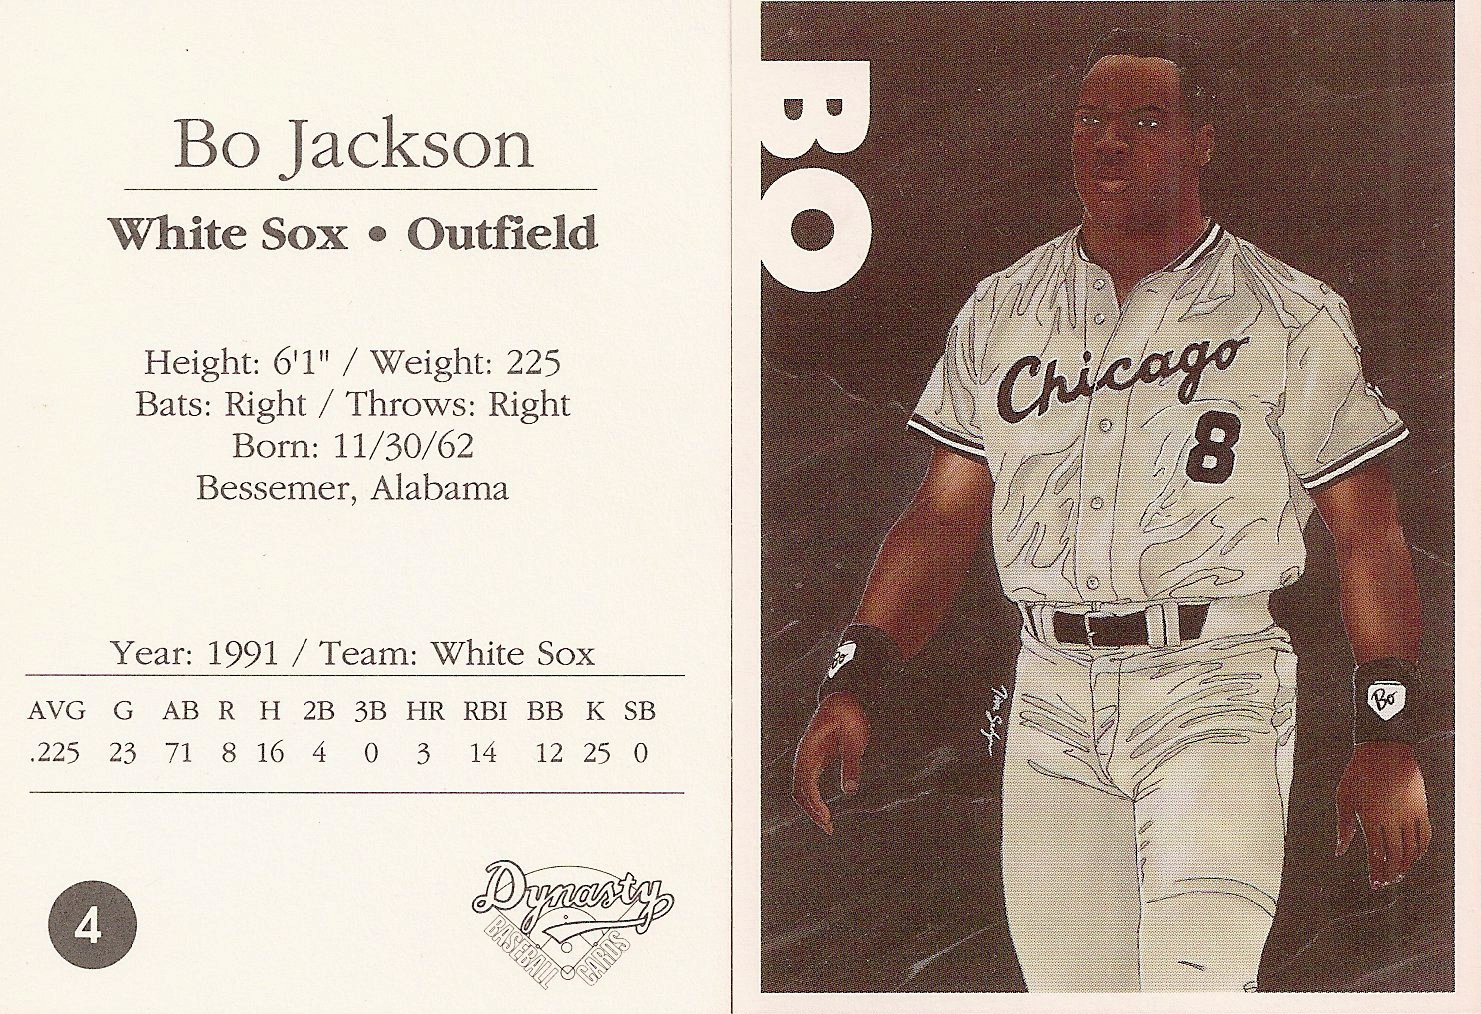 1992 Dynasty Baseball